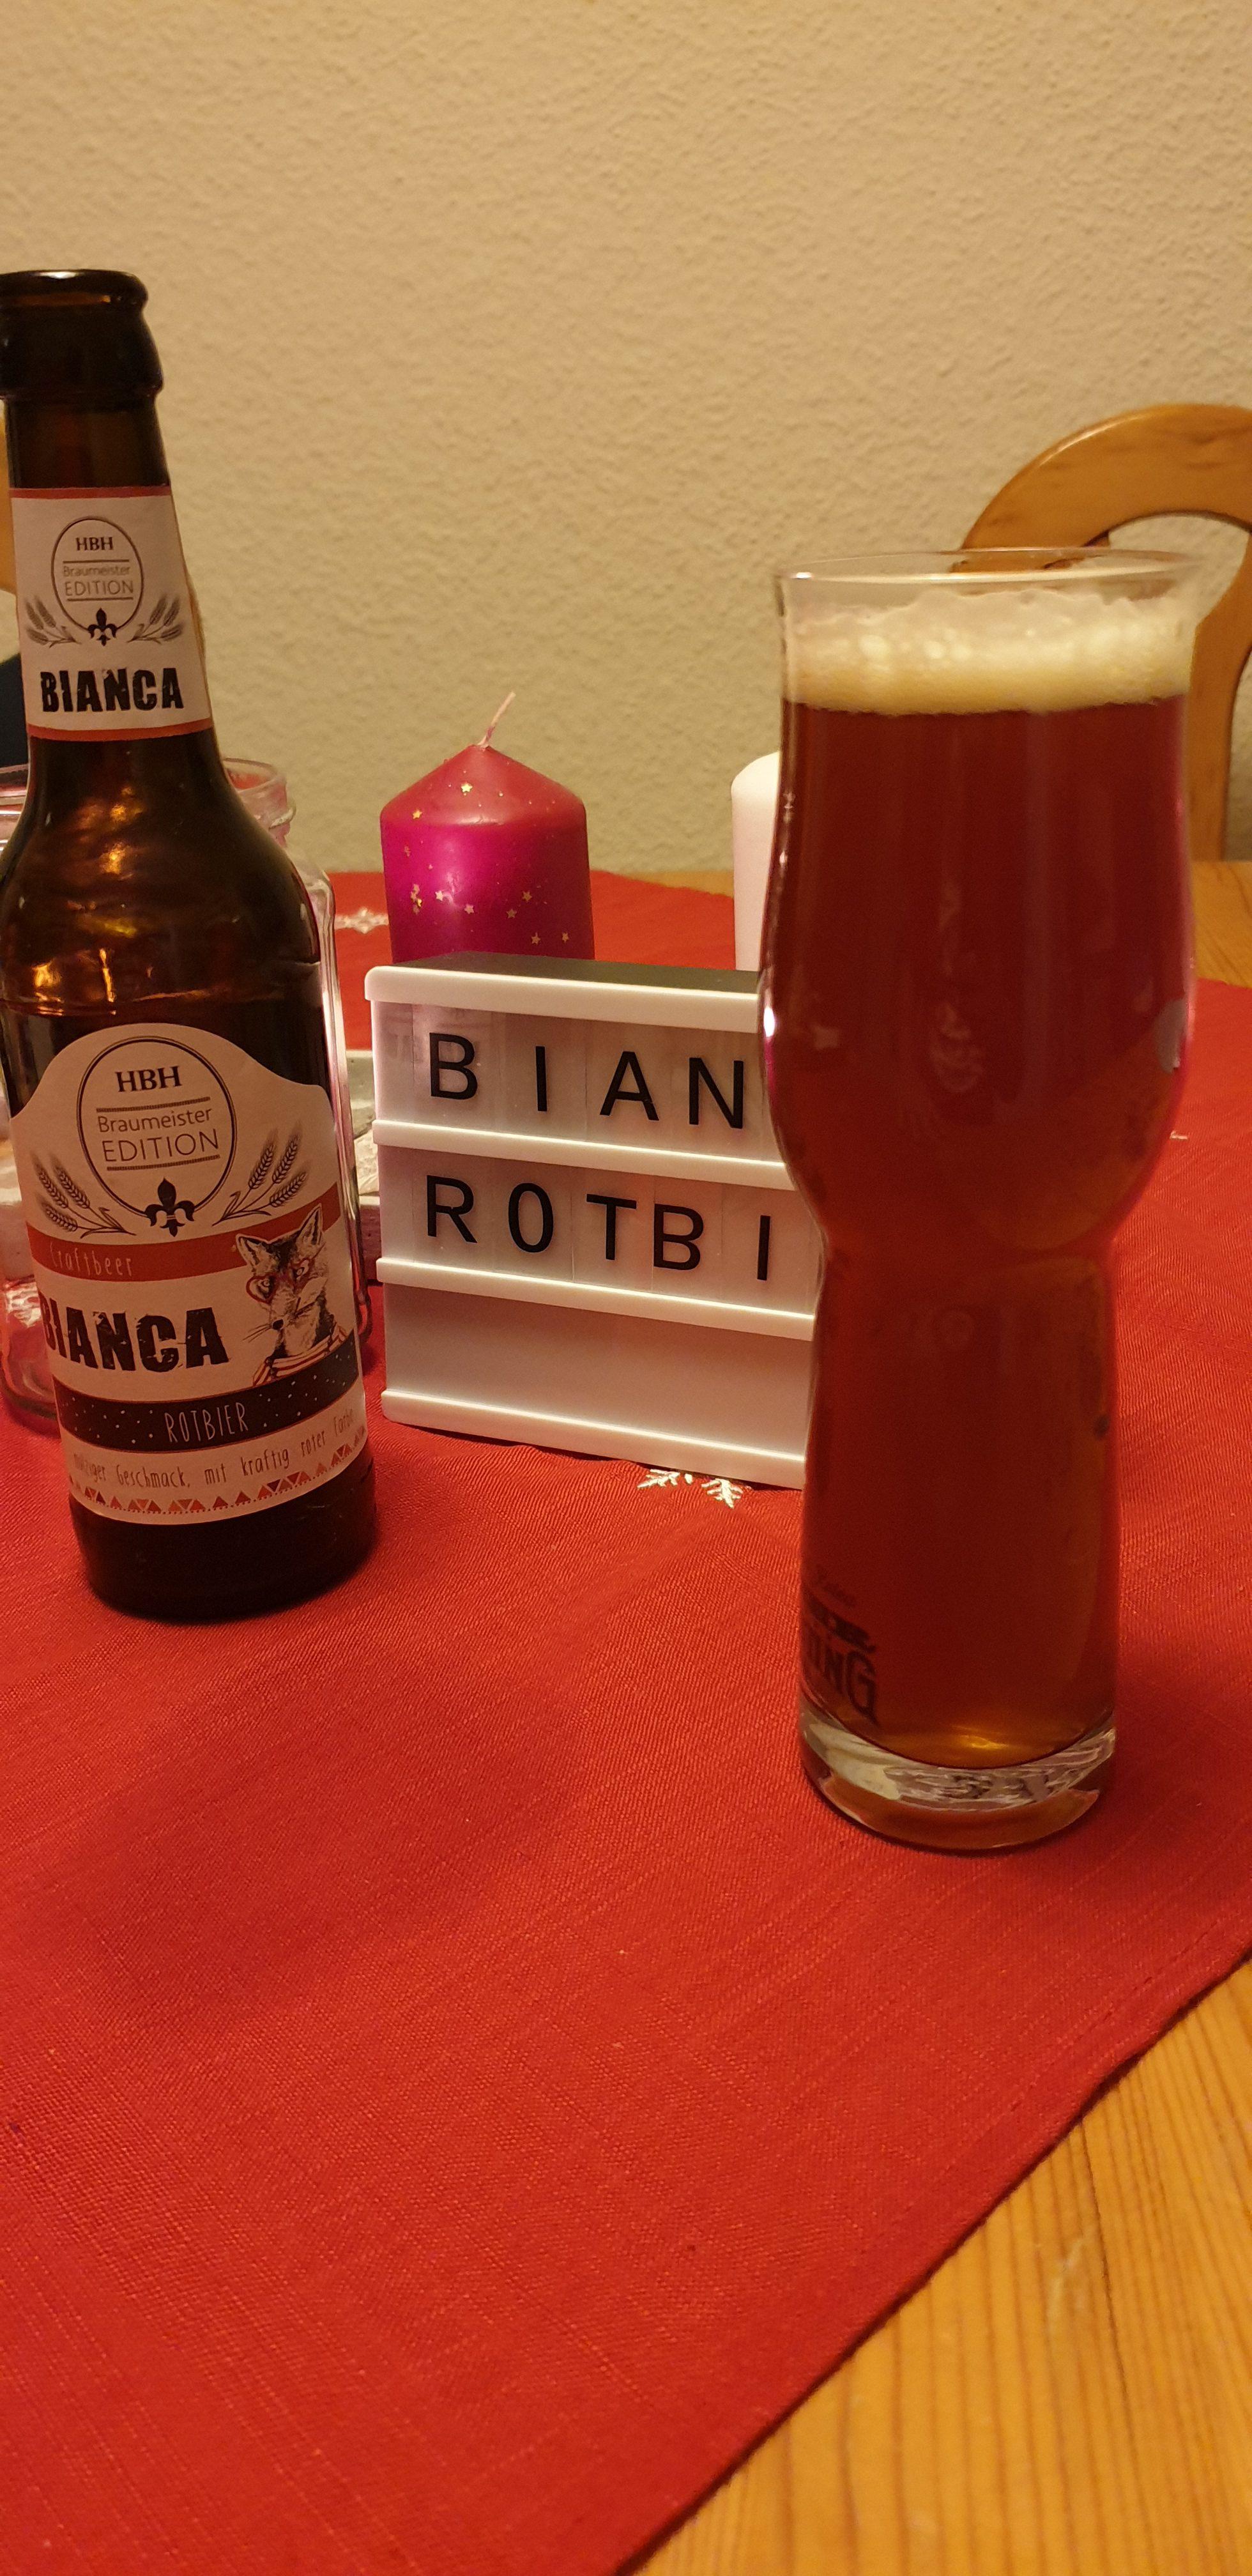 Bierkalender (Craft DE 2019) Hohmanns Brauerei – Bianca Rotbier